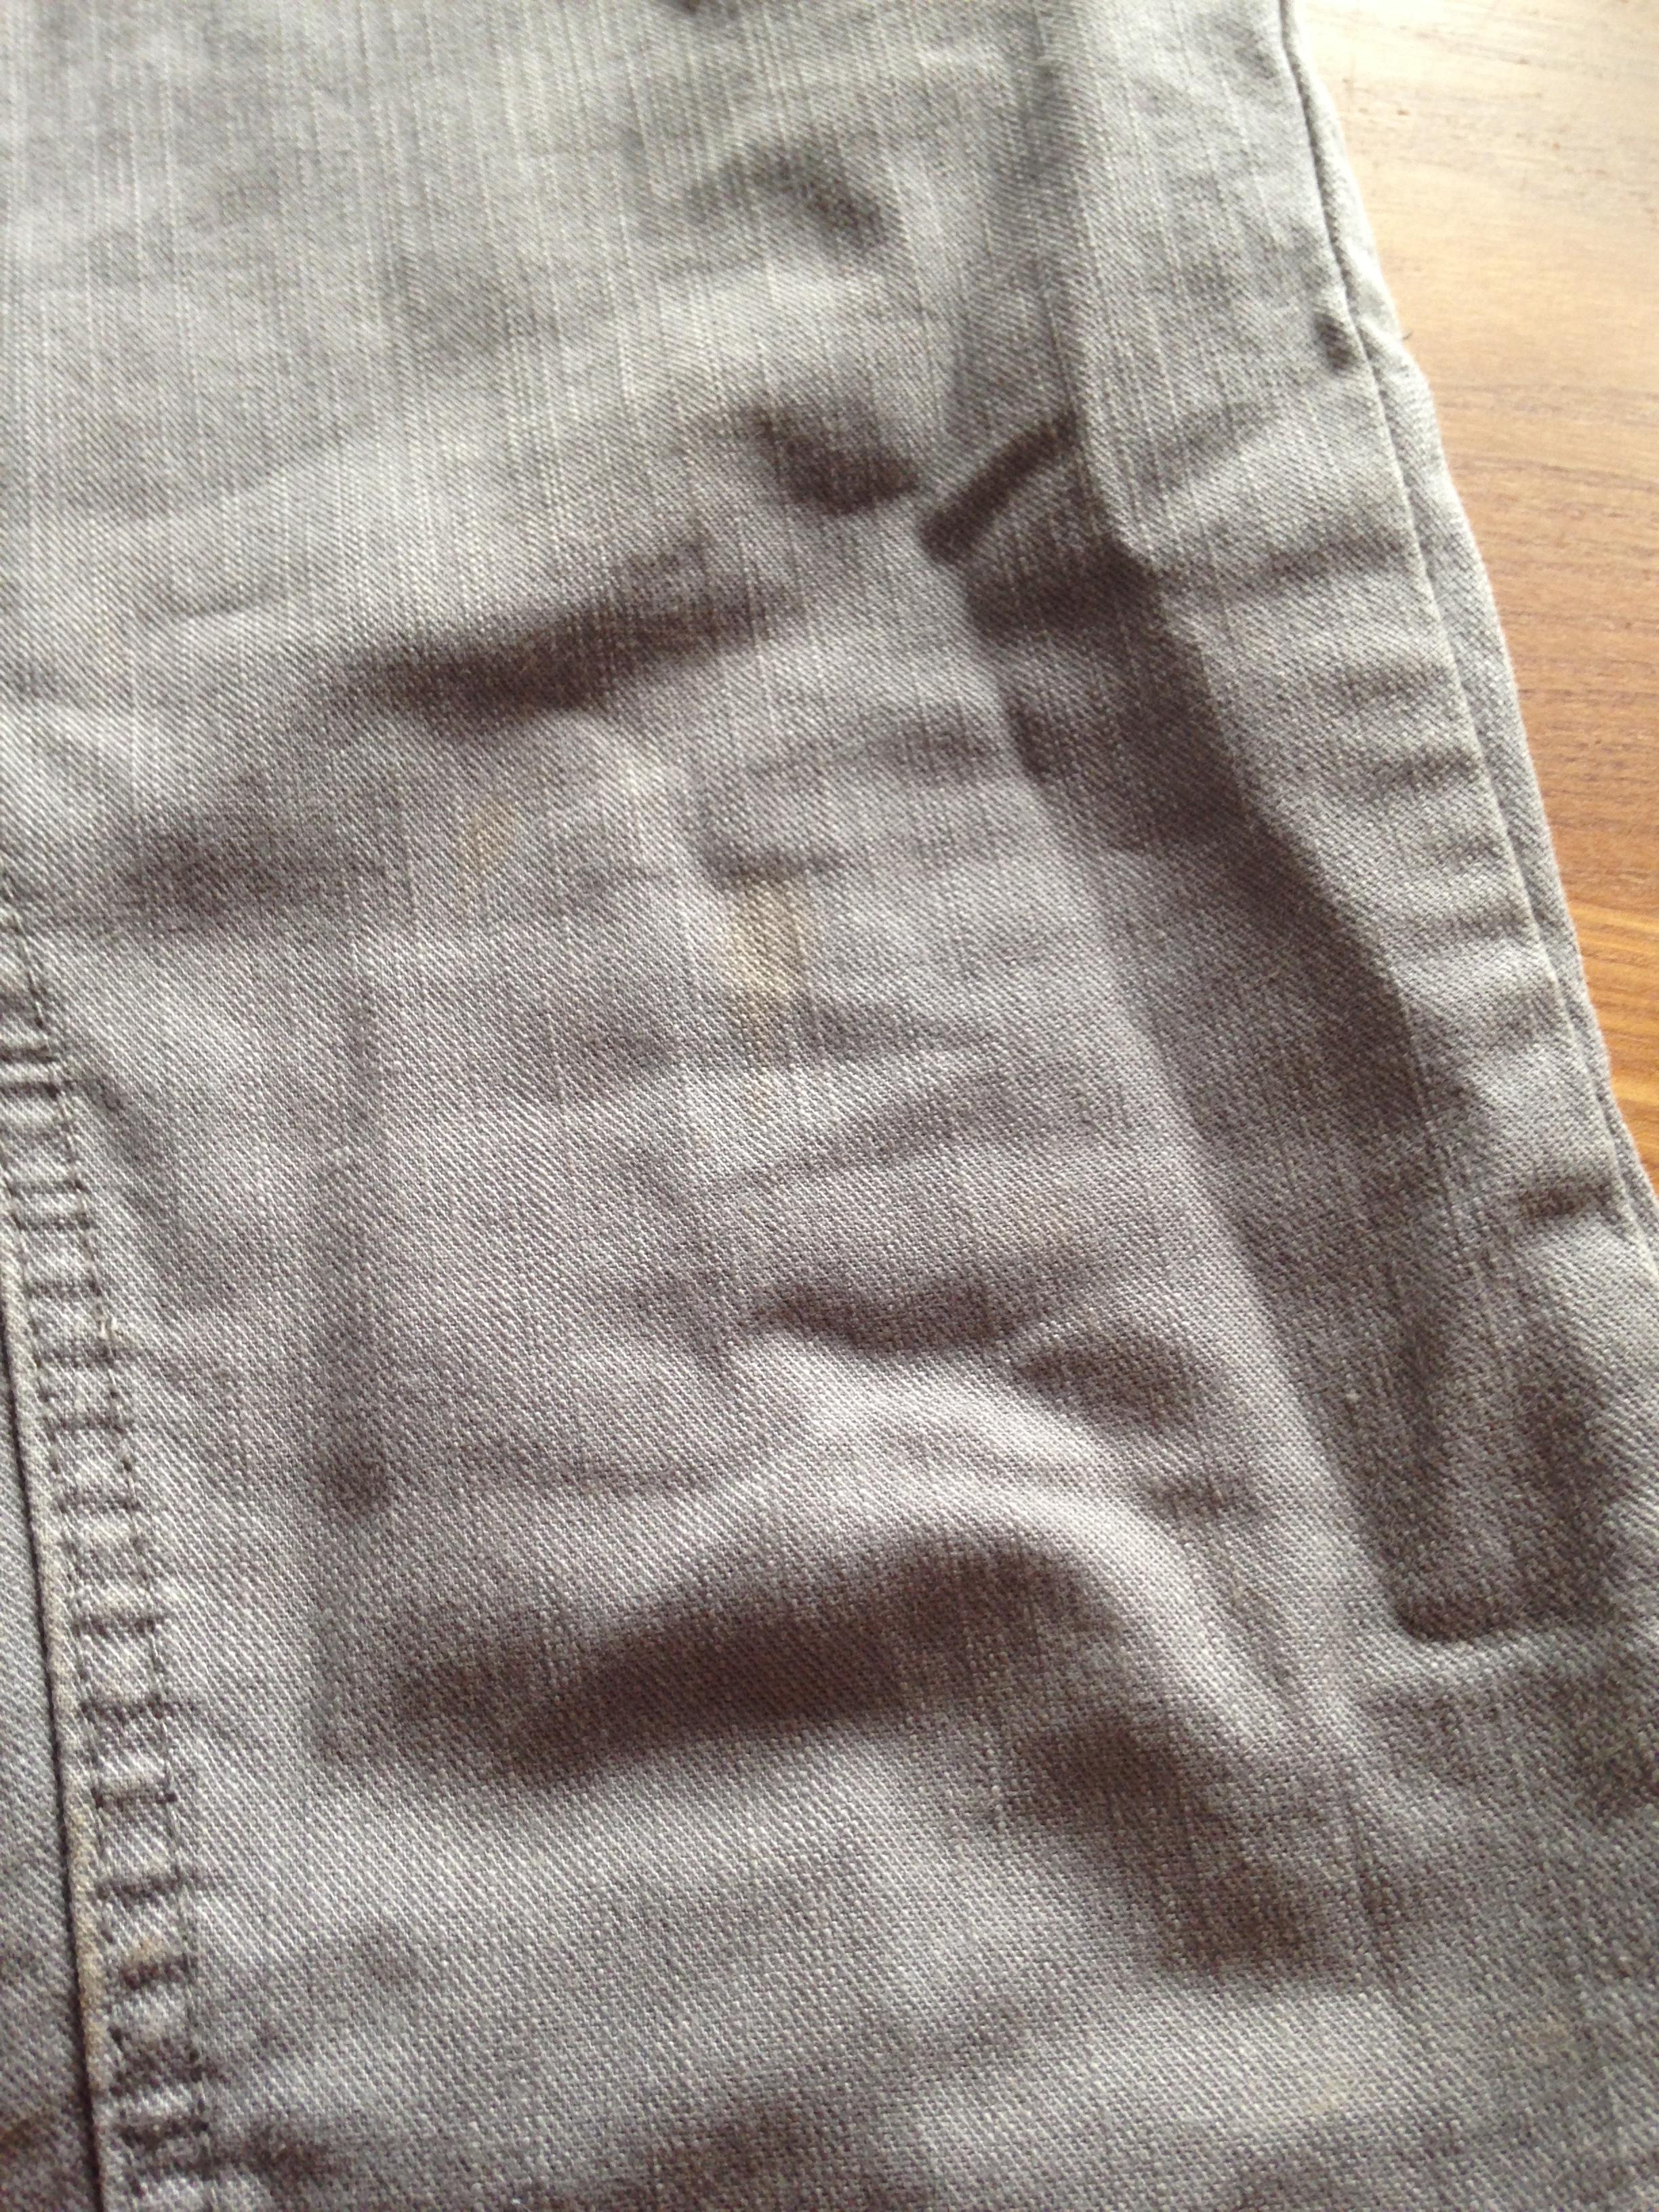 troc de troc jean gris t34/36 image 1